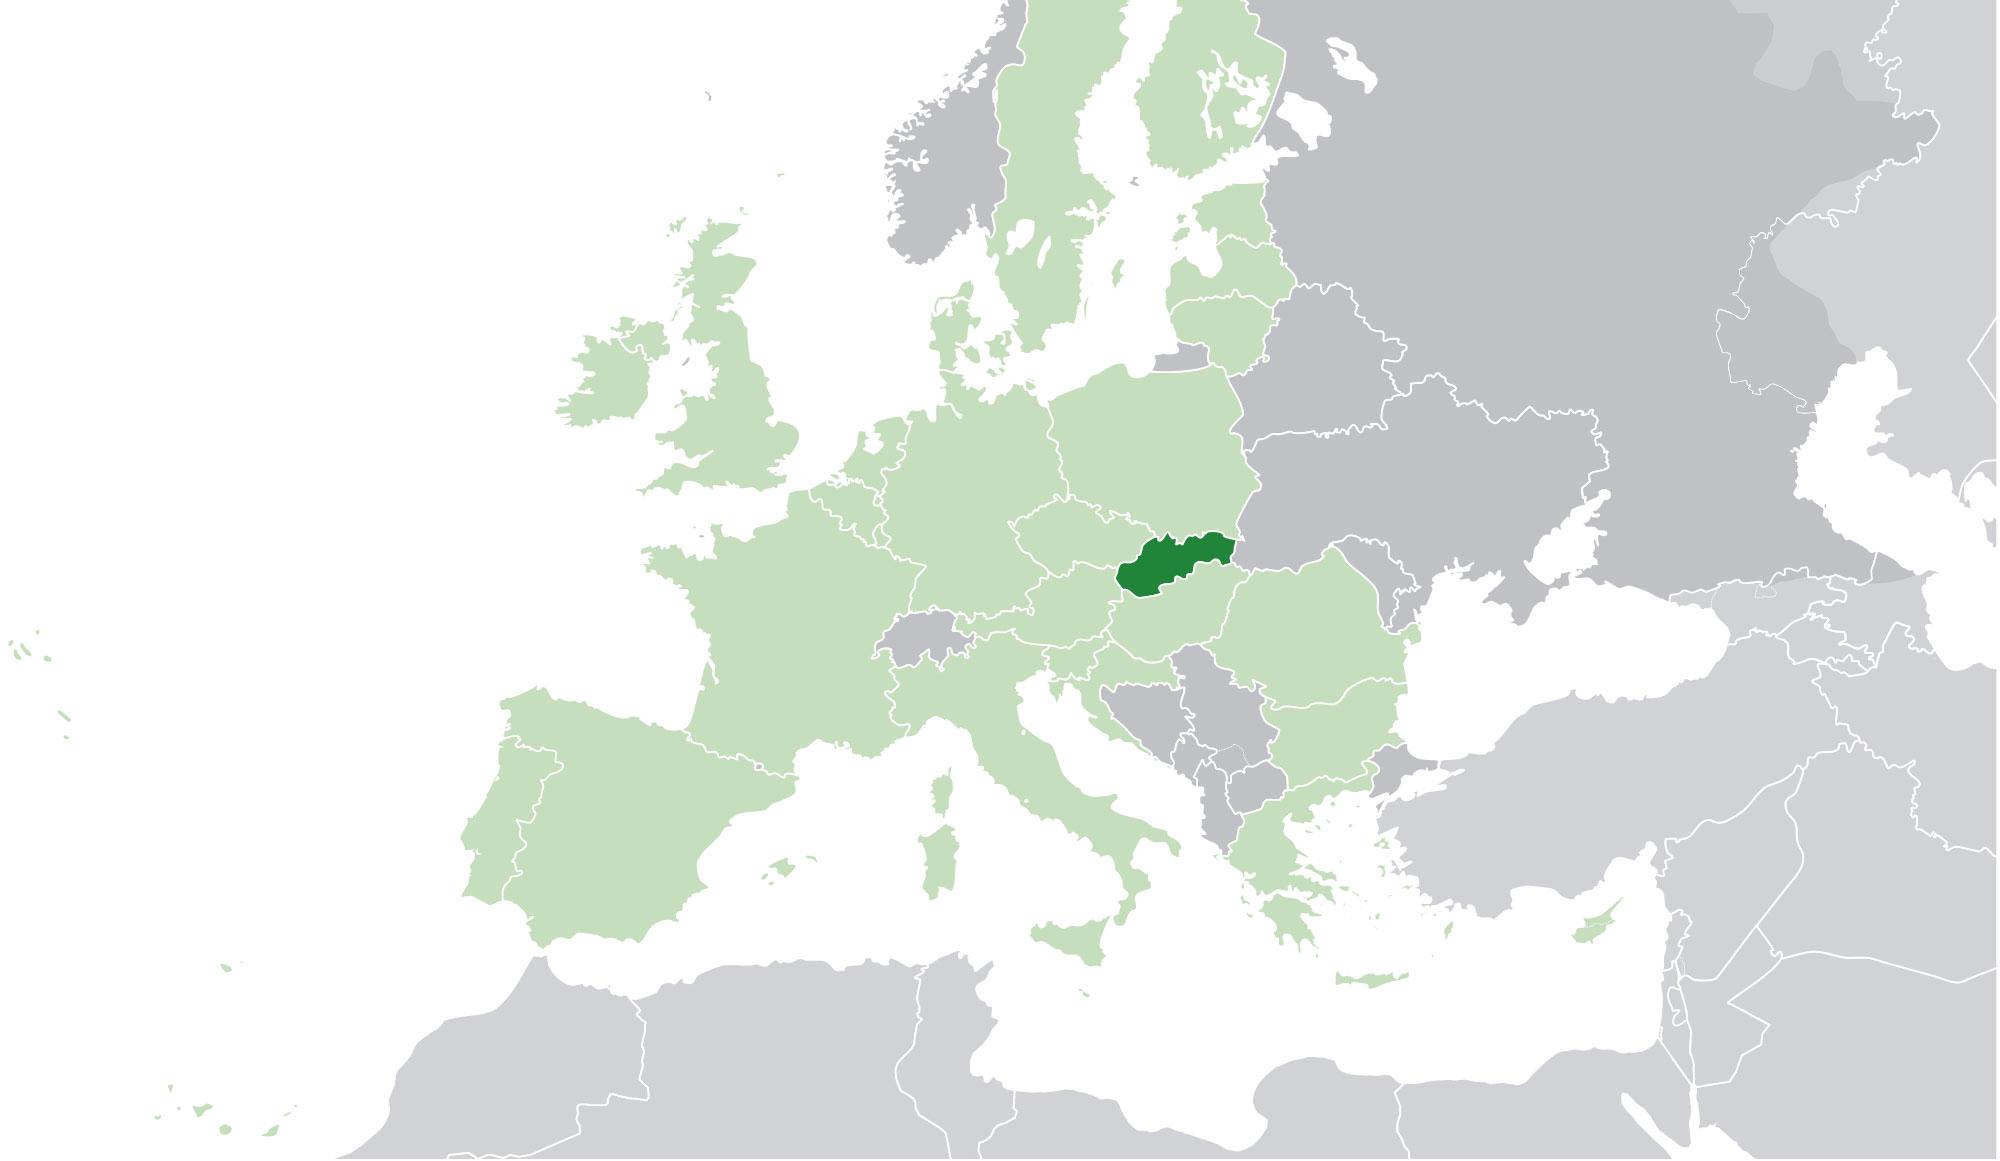 Localización geográfica de Eslovaquia